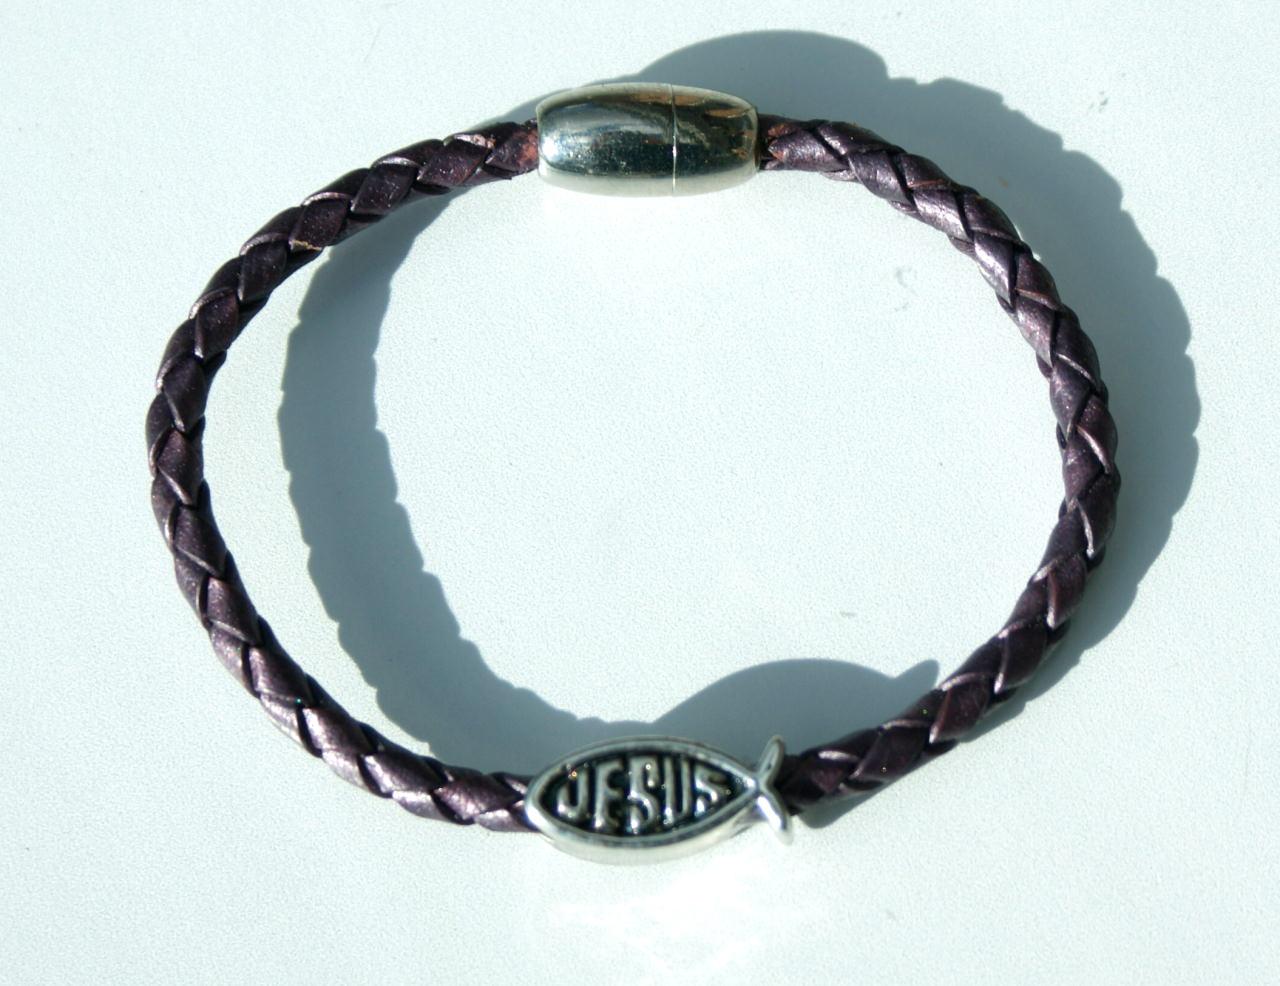 - Armband ICHTHYS  mit Jesus-Inschrift,  Leder, Edelstahl - Armband ICHTHYS  mit Jesus-Inschrift,  Leder, Edelstahl